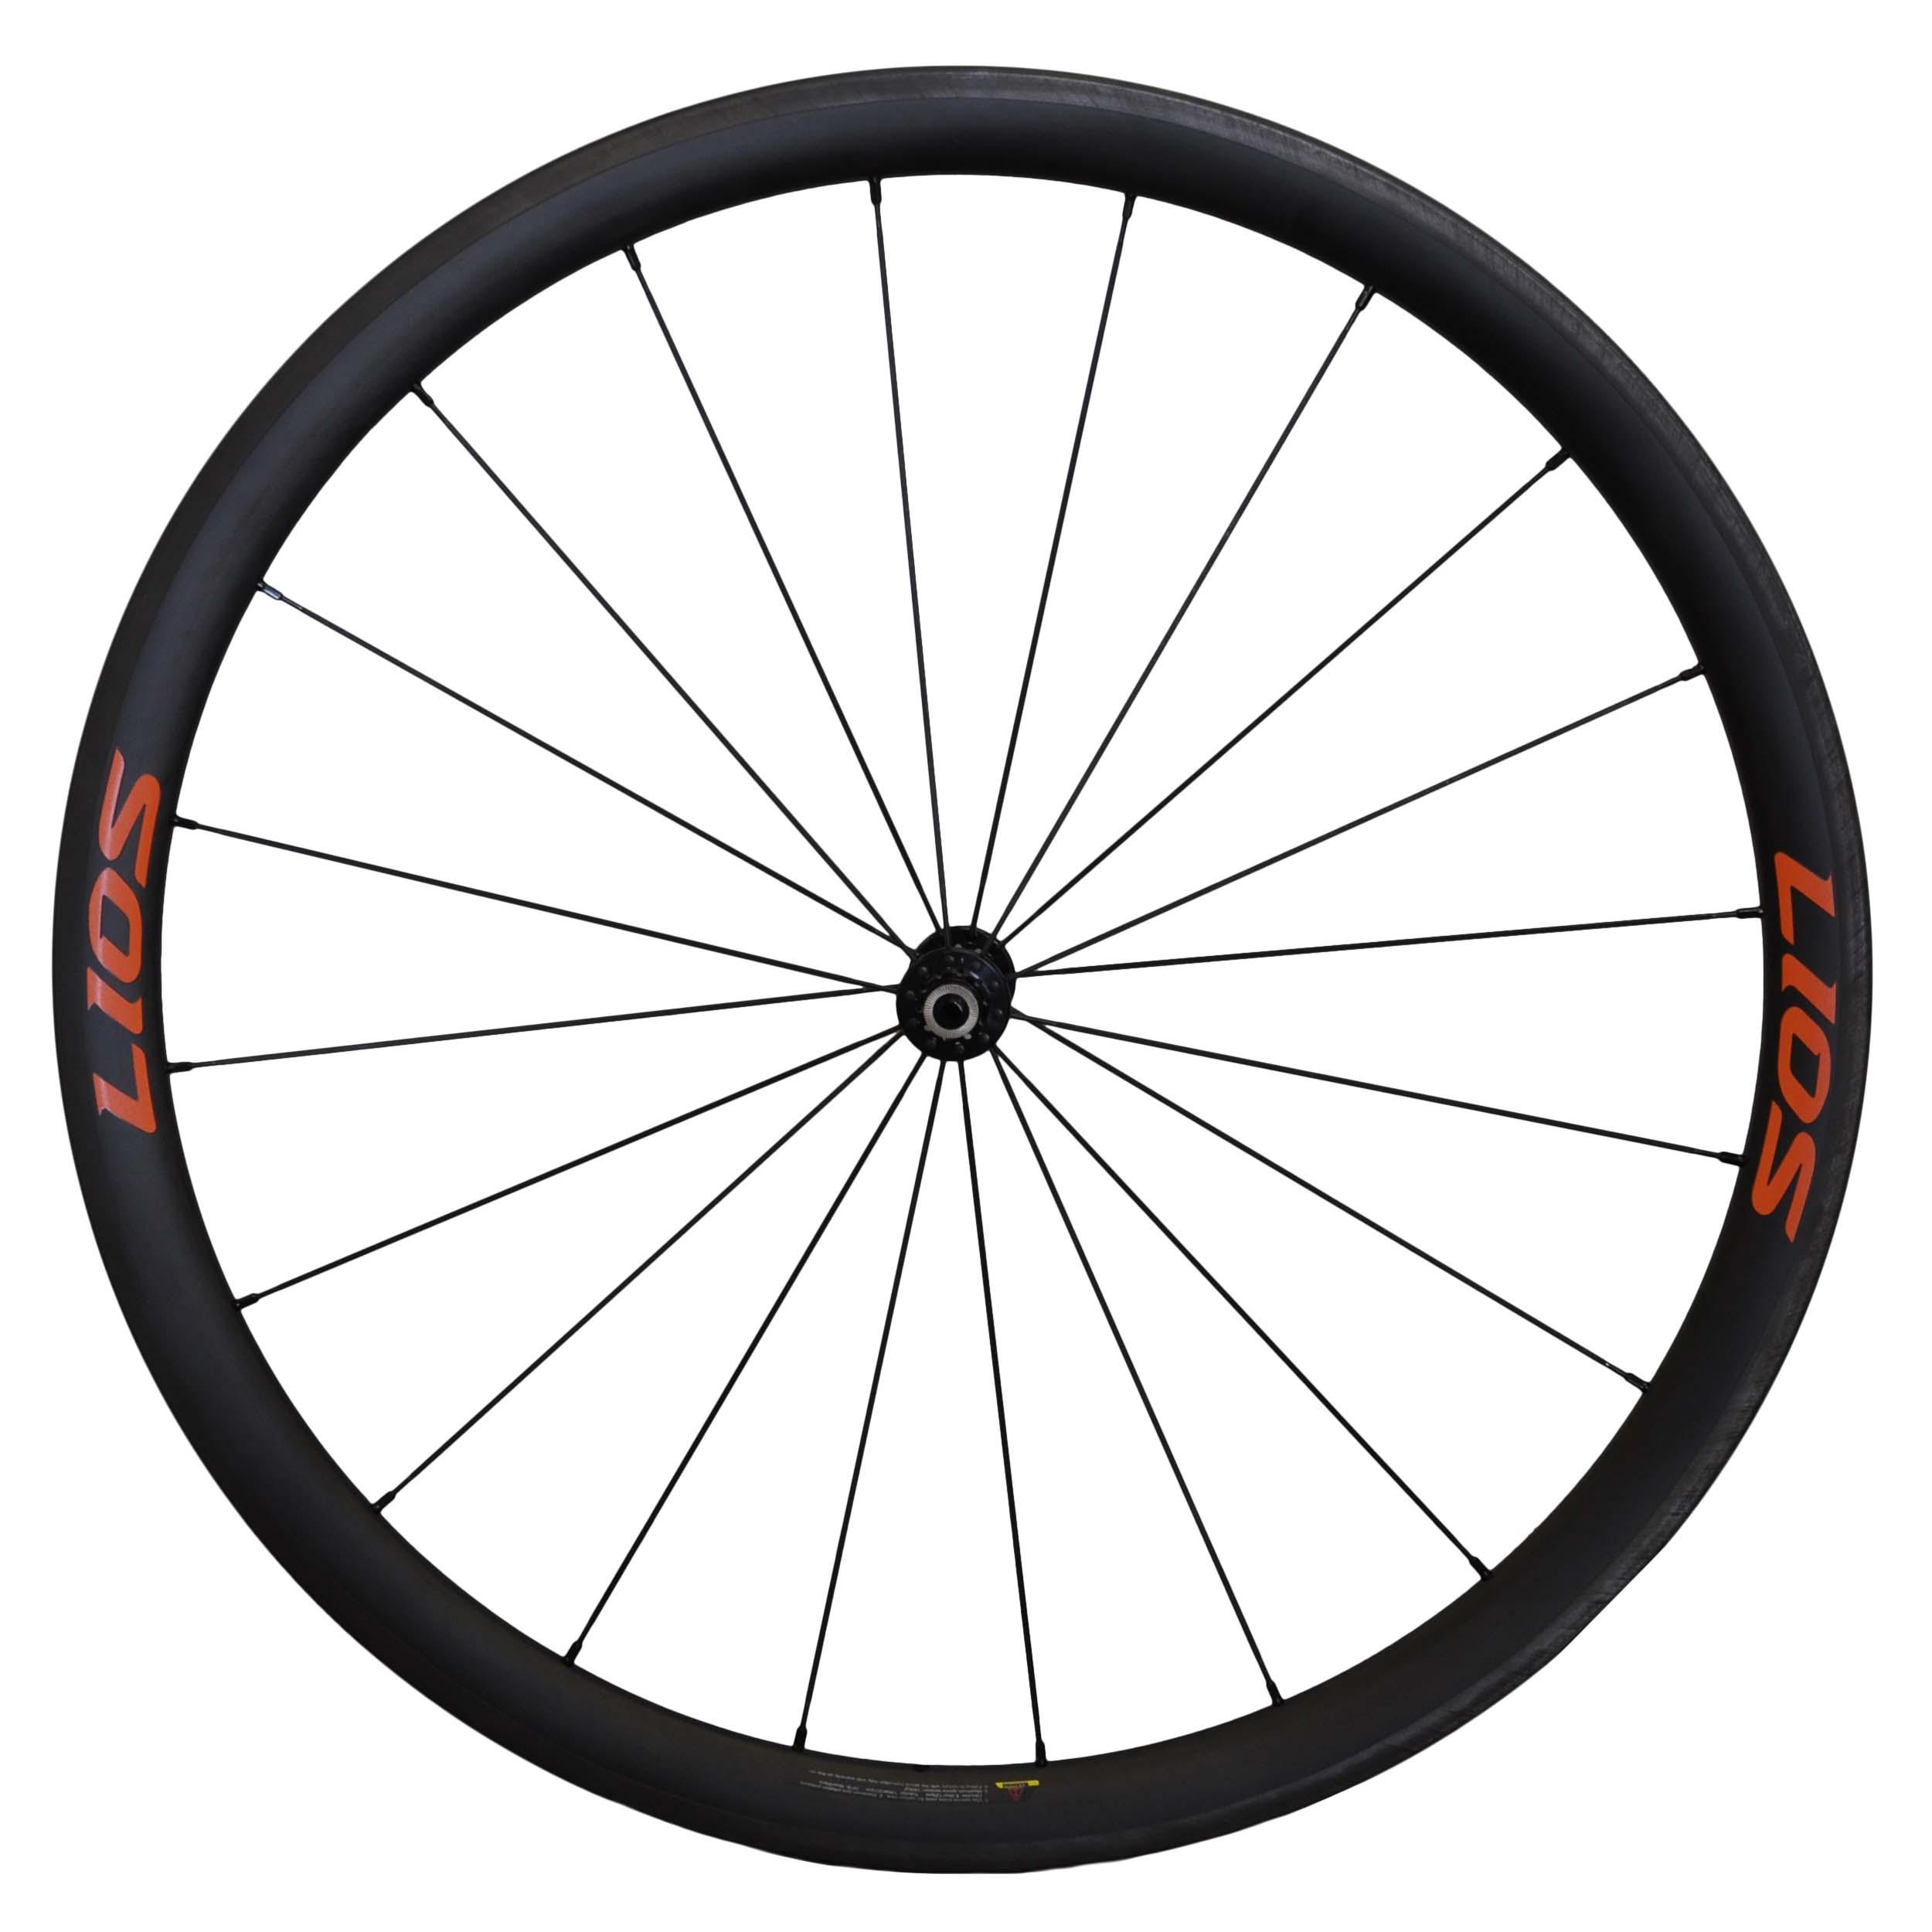 lios-wheel-c36-orange-logo-image3.jpg